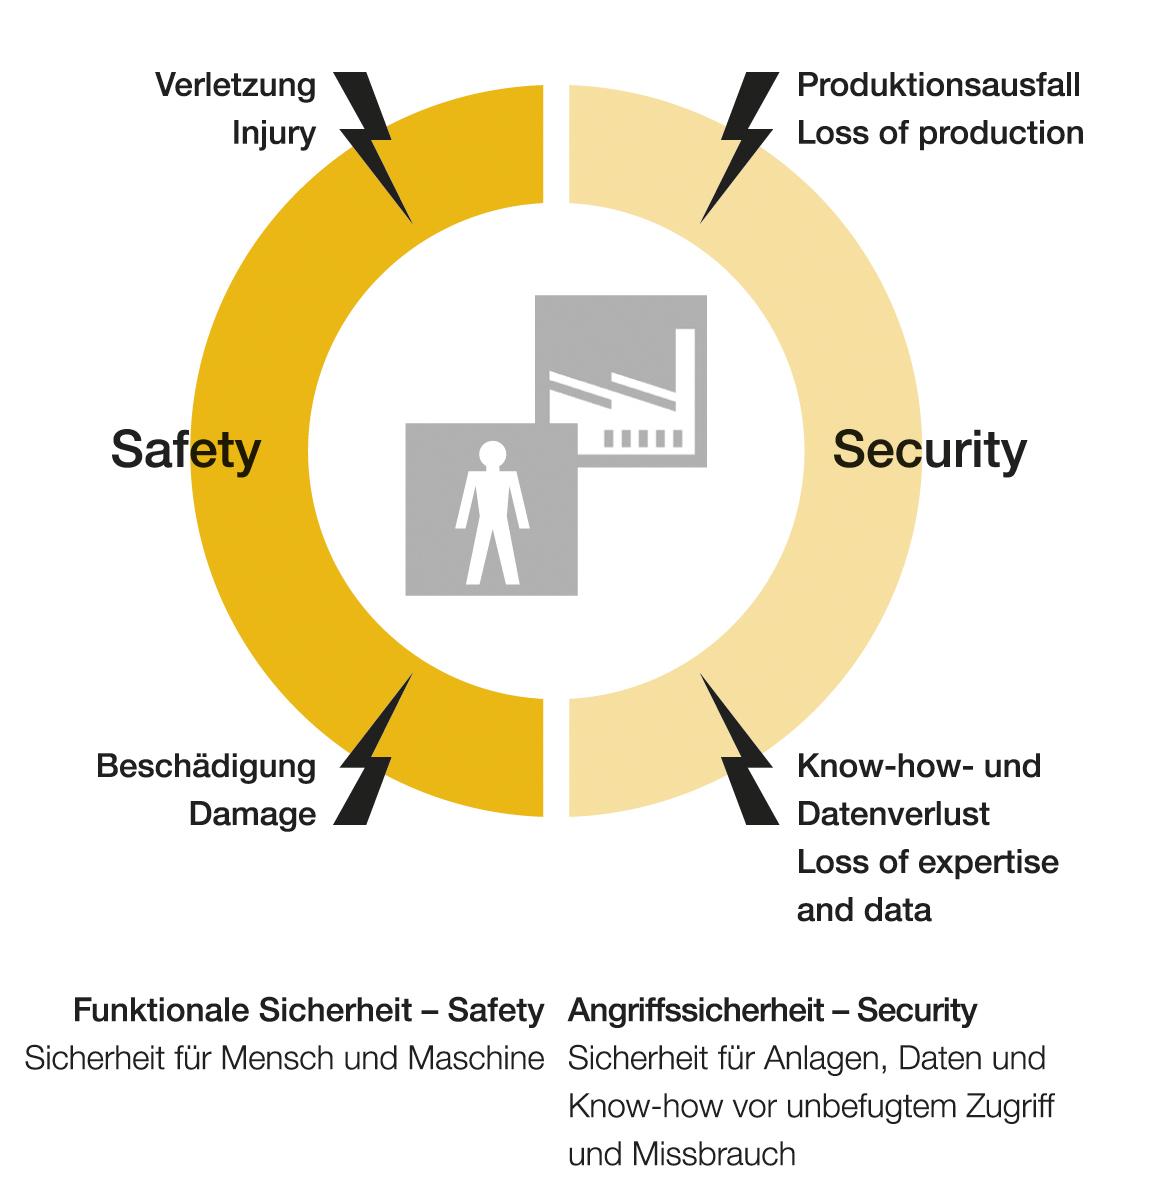 In Bezug auf das Thema Sicherheit treffen zwei Welten aufeinander: Die Welt der Automatisierung verschmilzt mit der IT-Welt. Für Safety wie für Security gilt: Die Verfügbarkeit von Maschinen und Anlagen darf durch Sicherheitsmaßnahmen nicht beeinträchtigt werden.